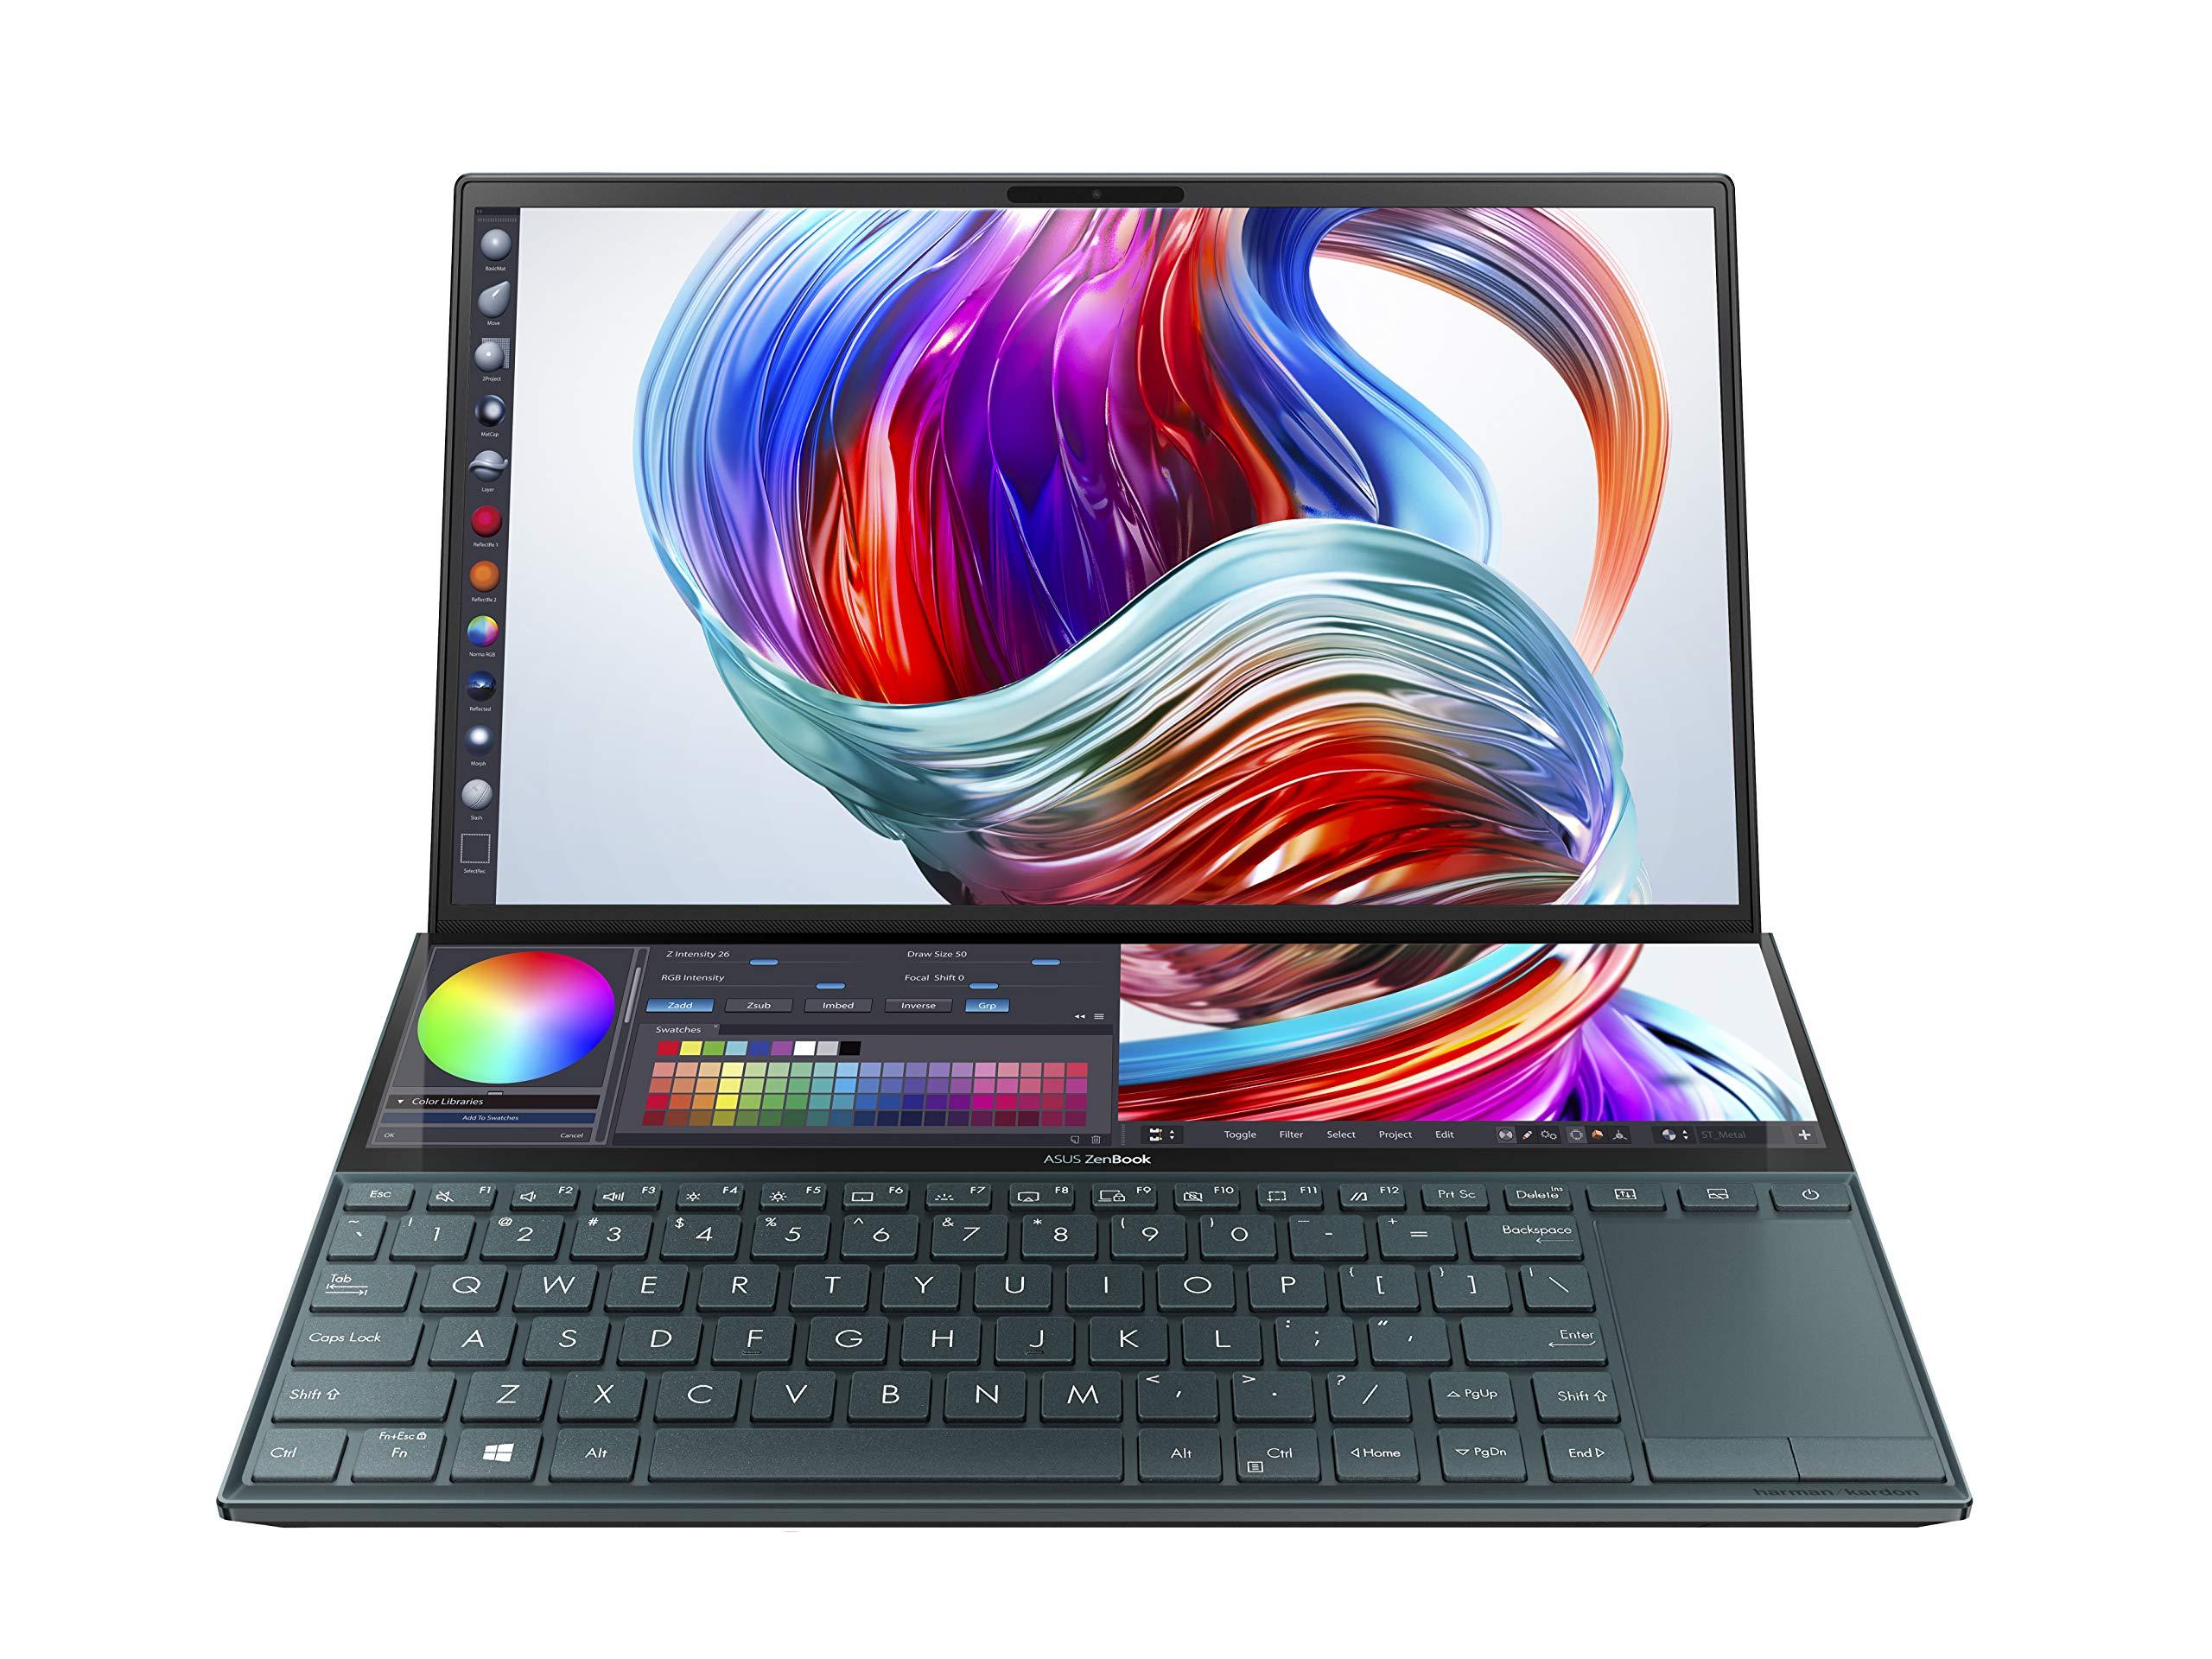 Asus Zenbook UX481F Corei7